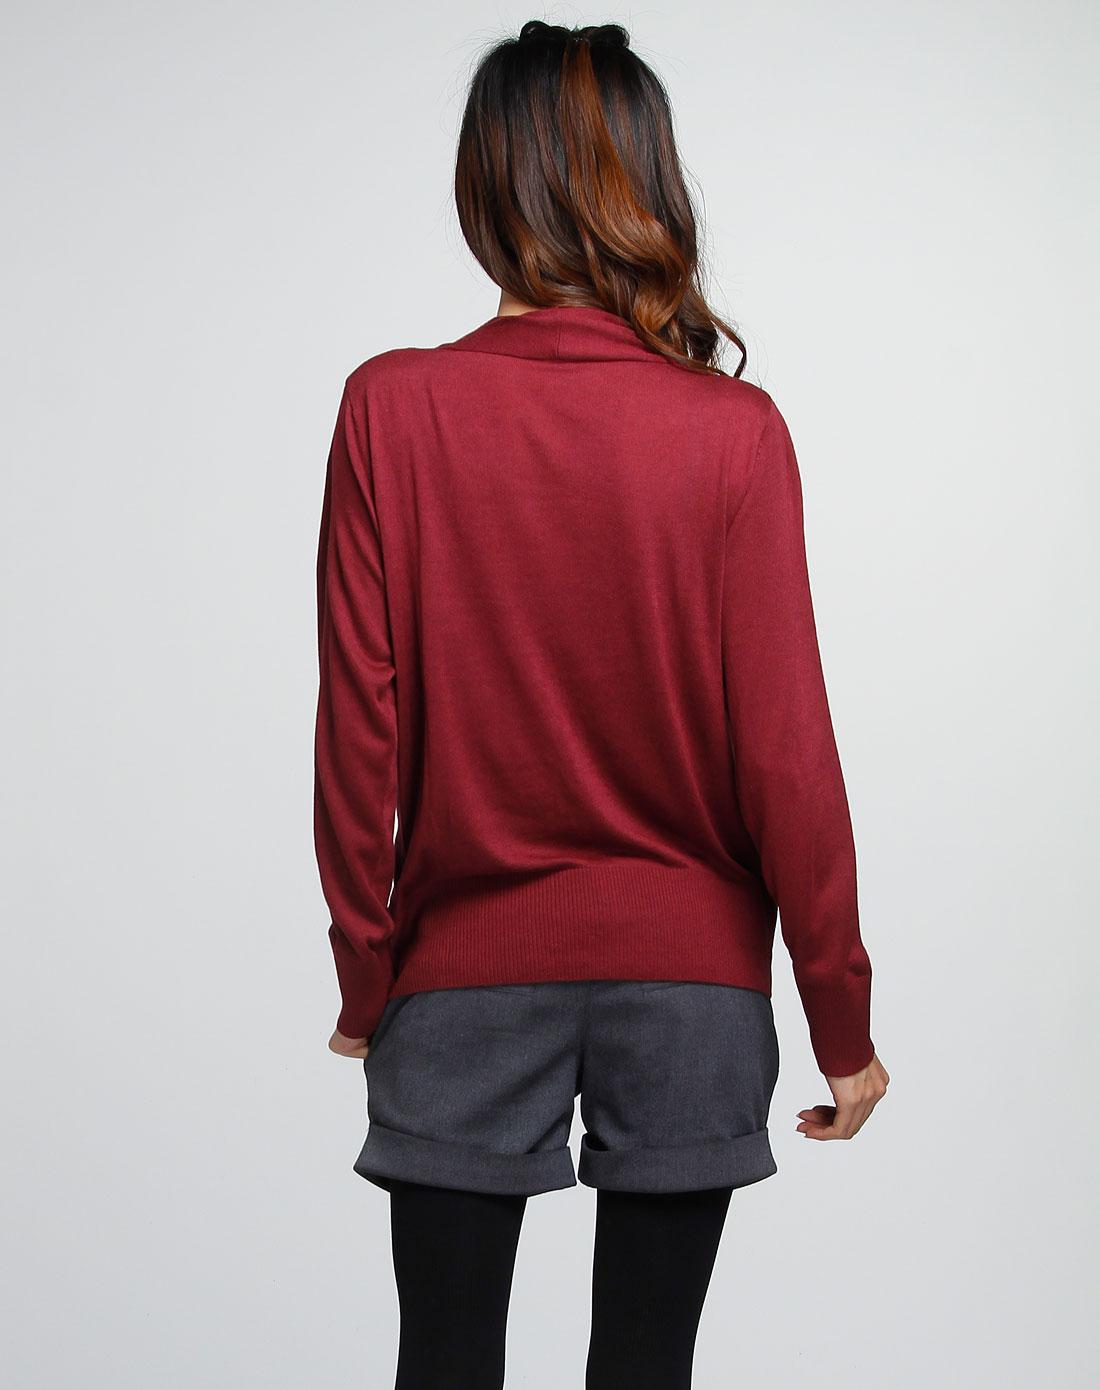 女款酒红色针织上衣